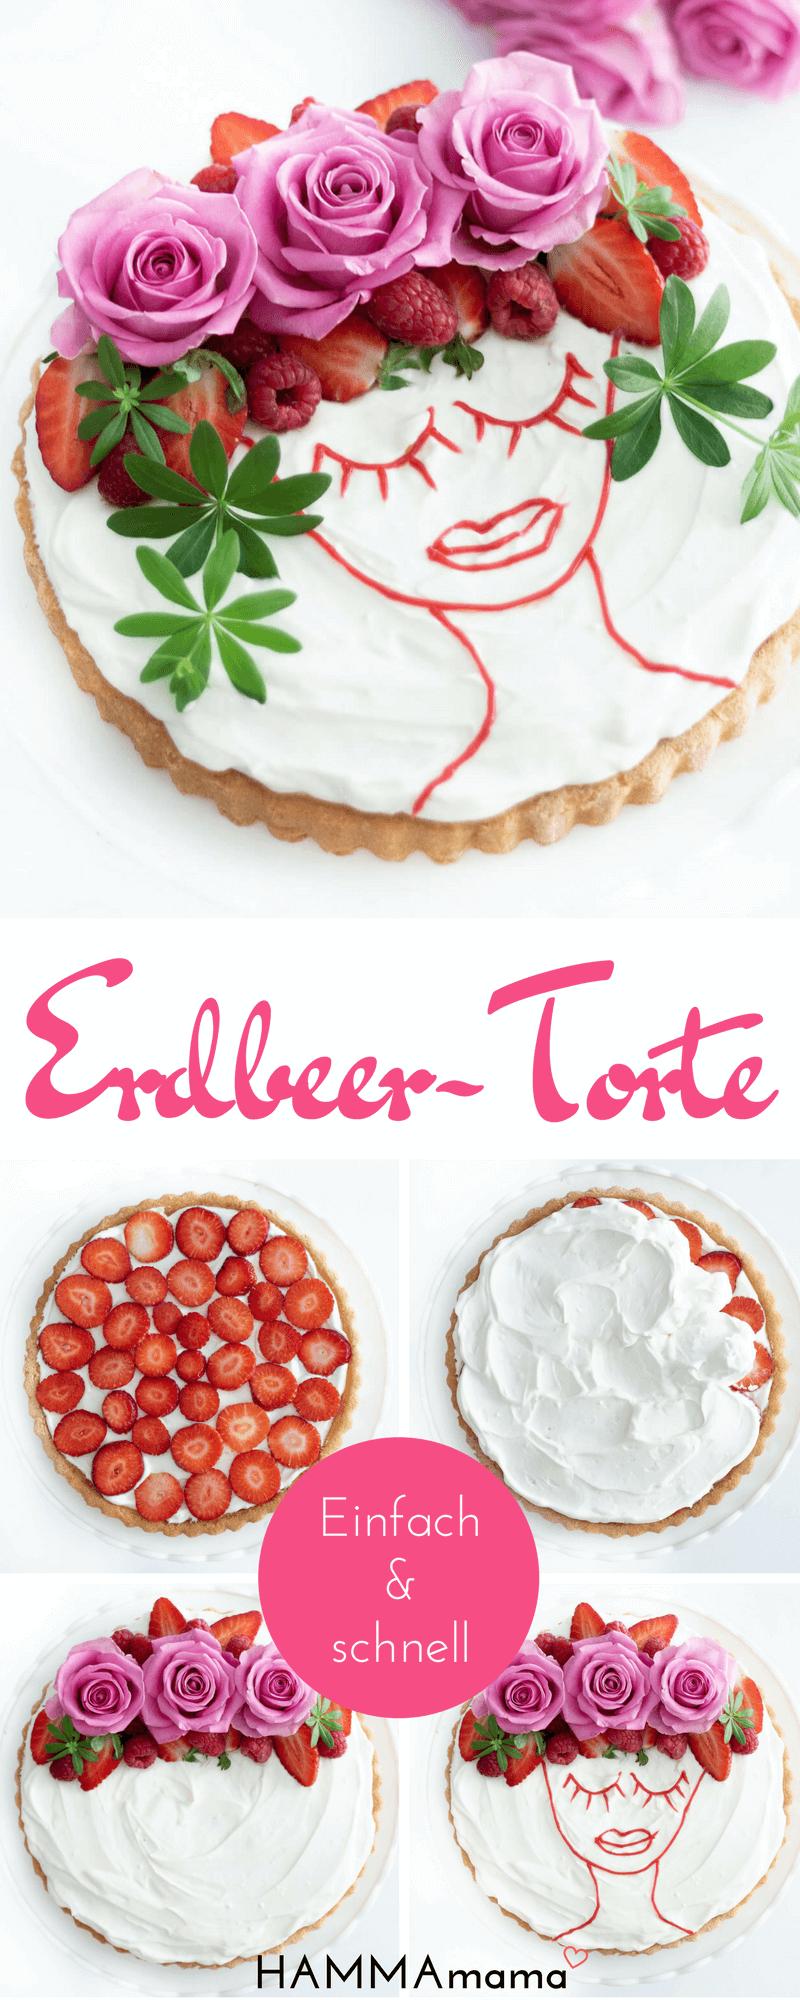 Oh La La Eine Tres Chic Erdbeer Torte Schnell Und Einfach Selber